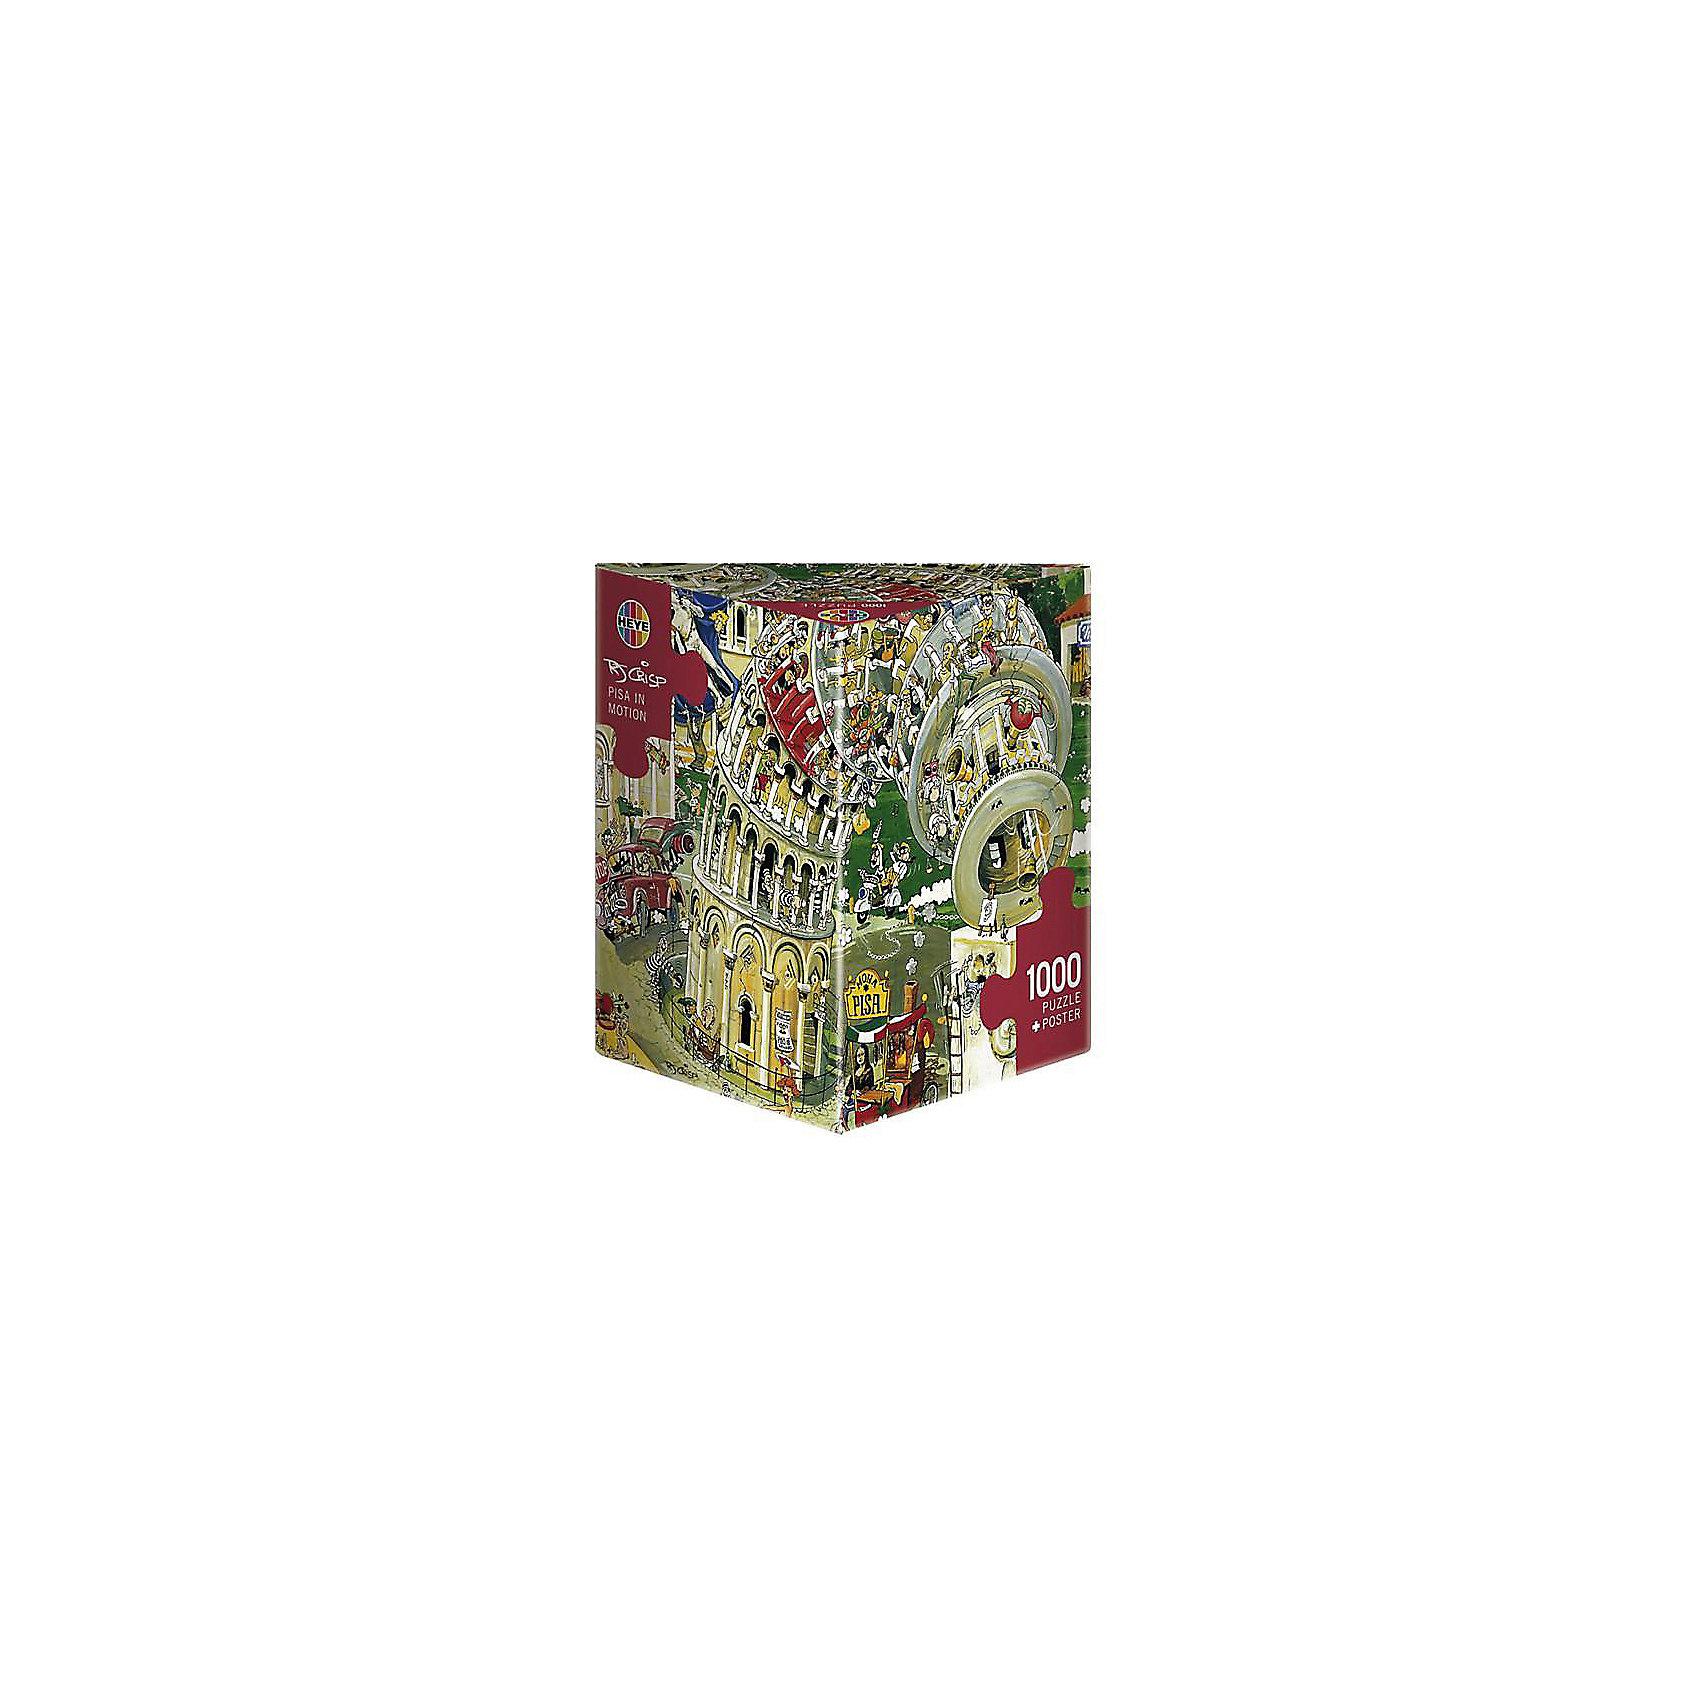 HEYE Пазл Пизанская башня, 1000 деталей, HEYE пазлы magic pazle объемный 3d пазл эйфелева башня 78x38x35 см